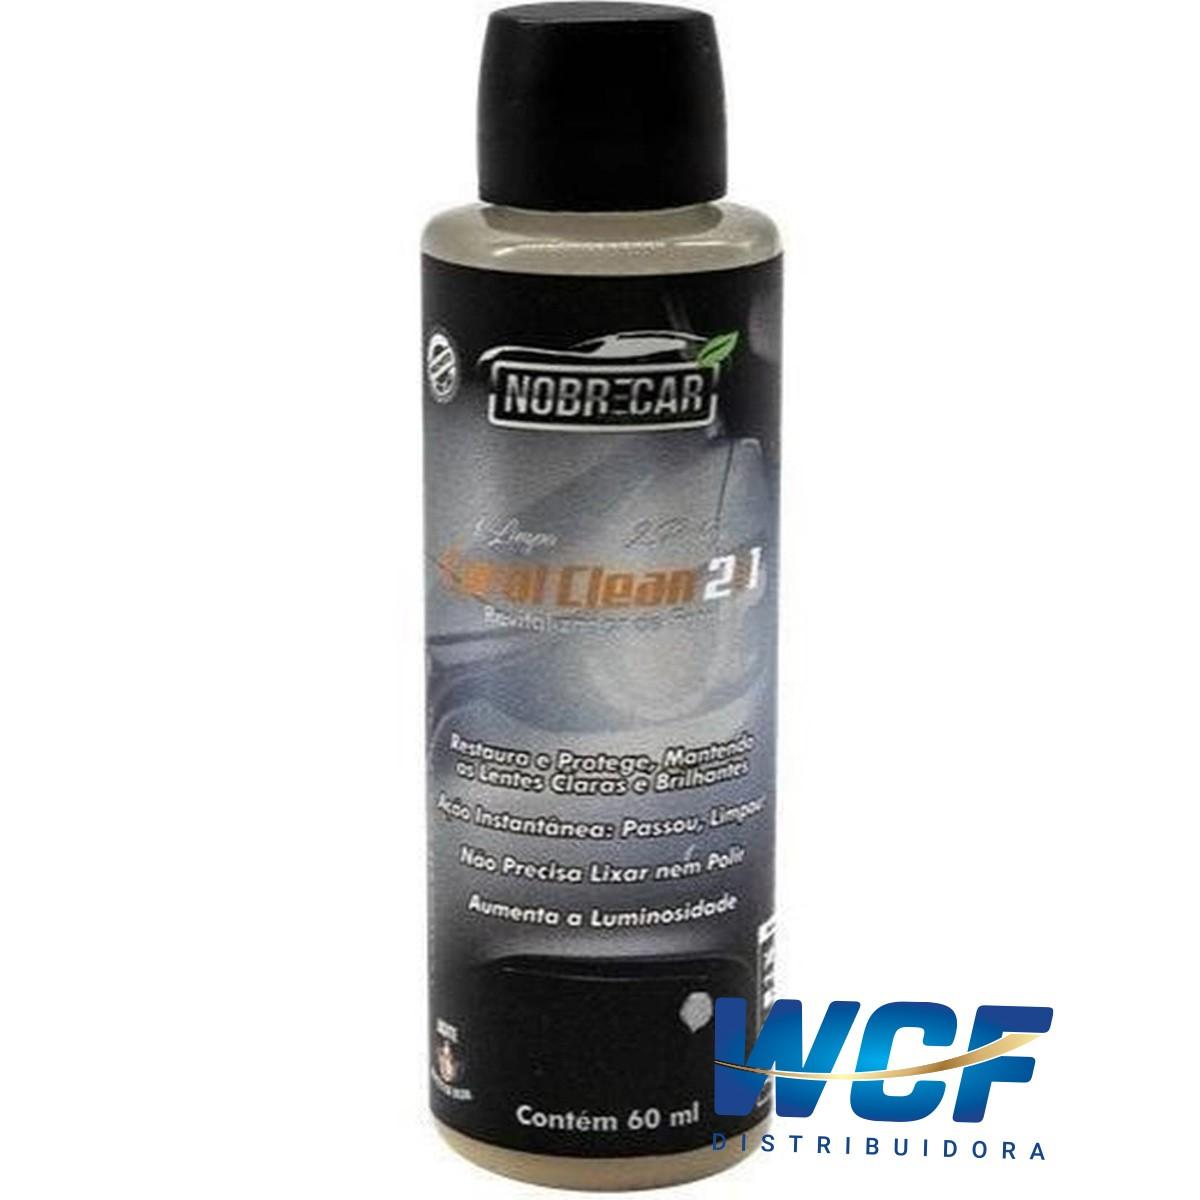 NOBRE FAROL CLEAN 2X1 LIMPA PROTEGE 60 ML